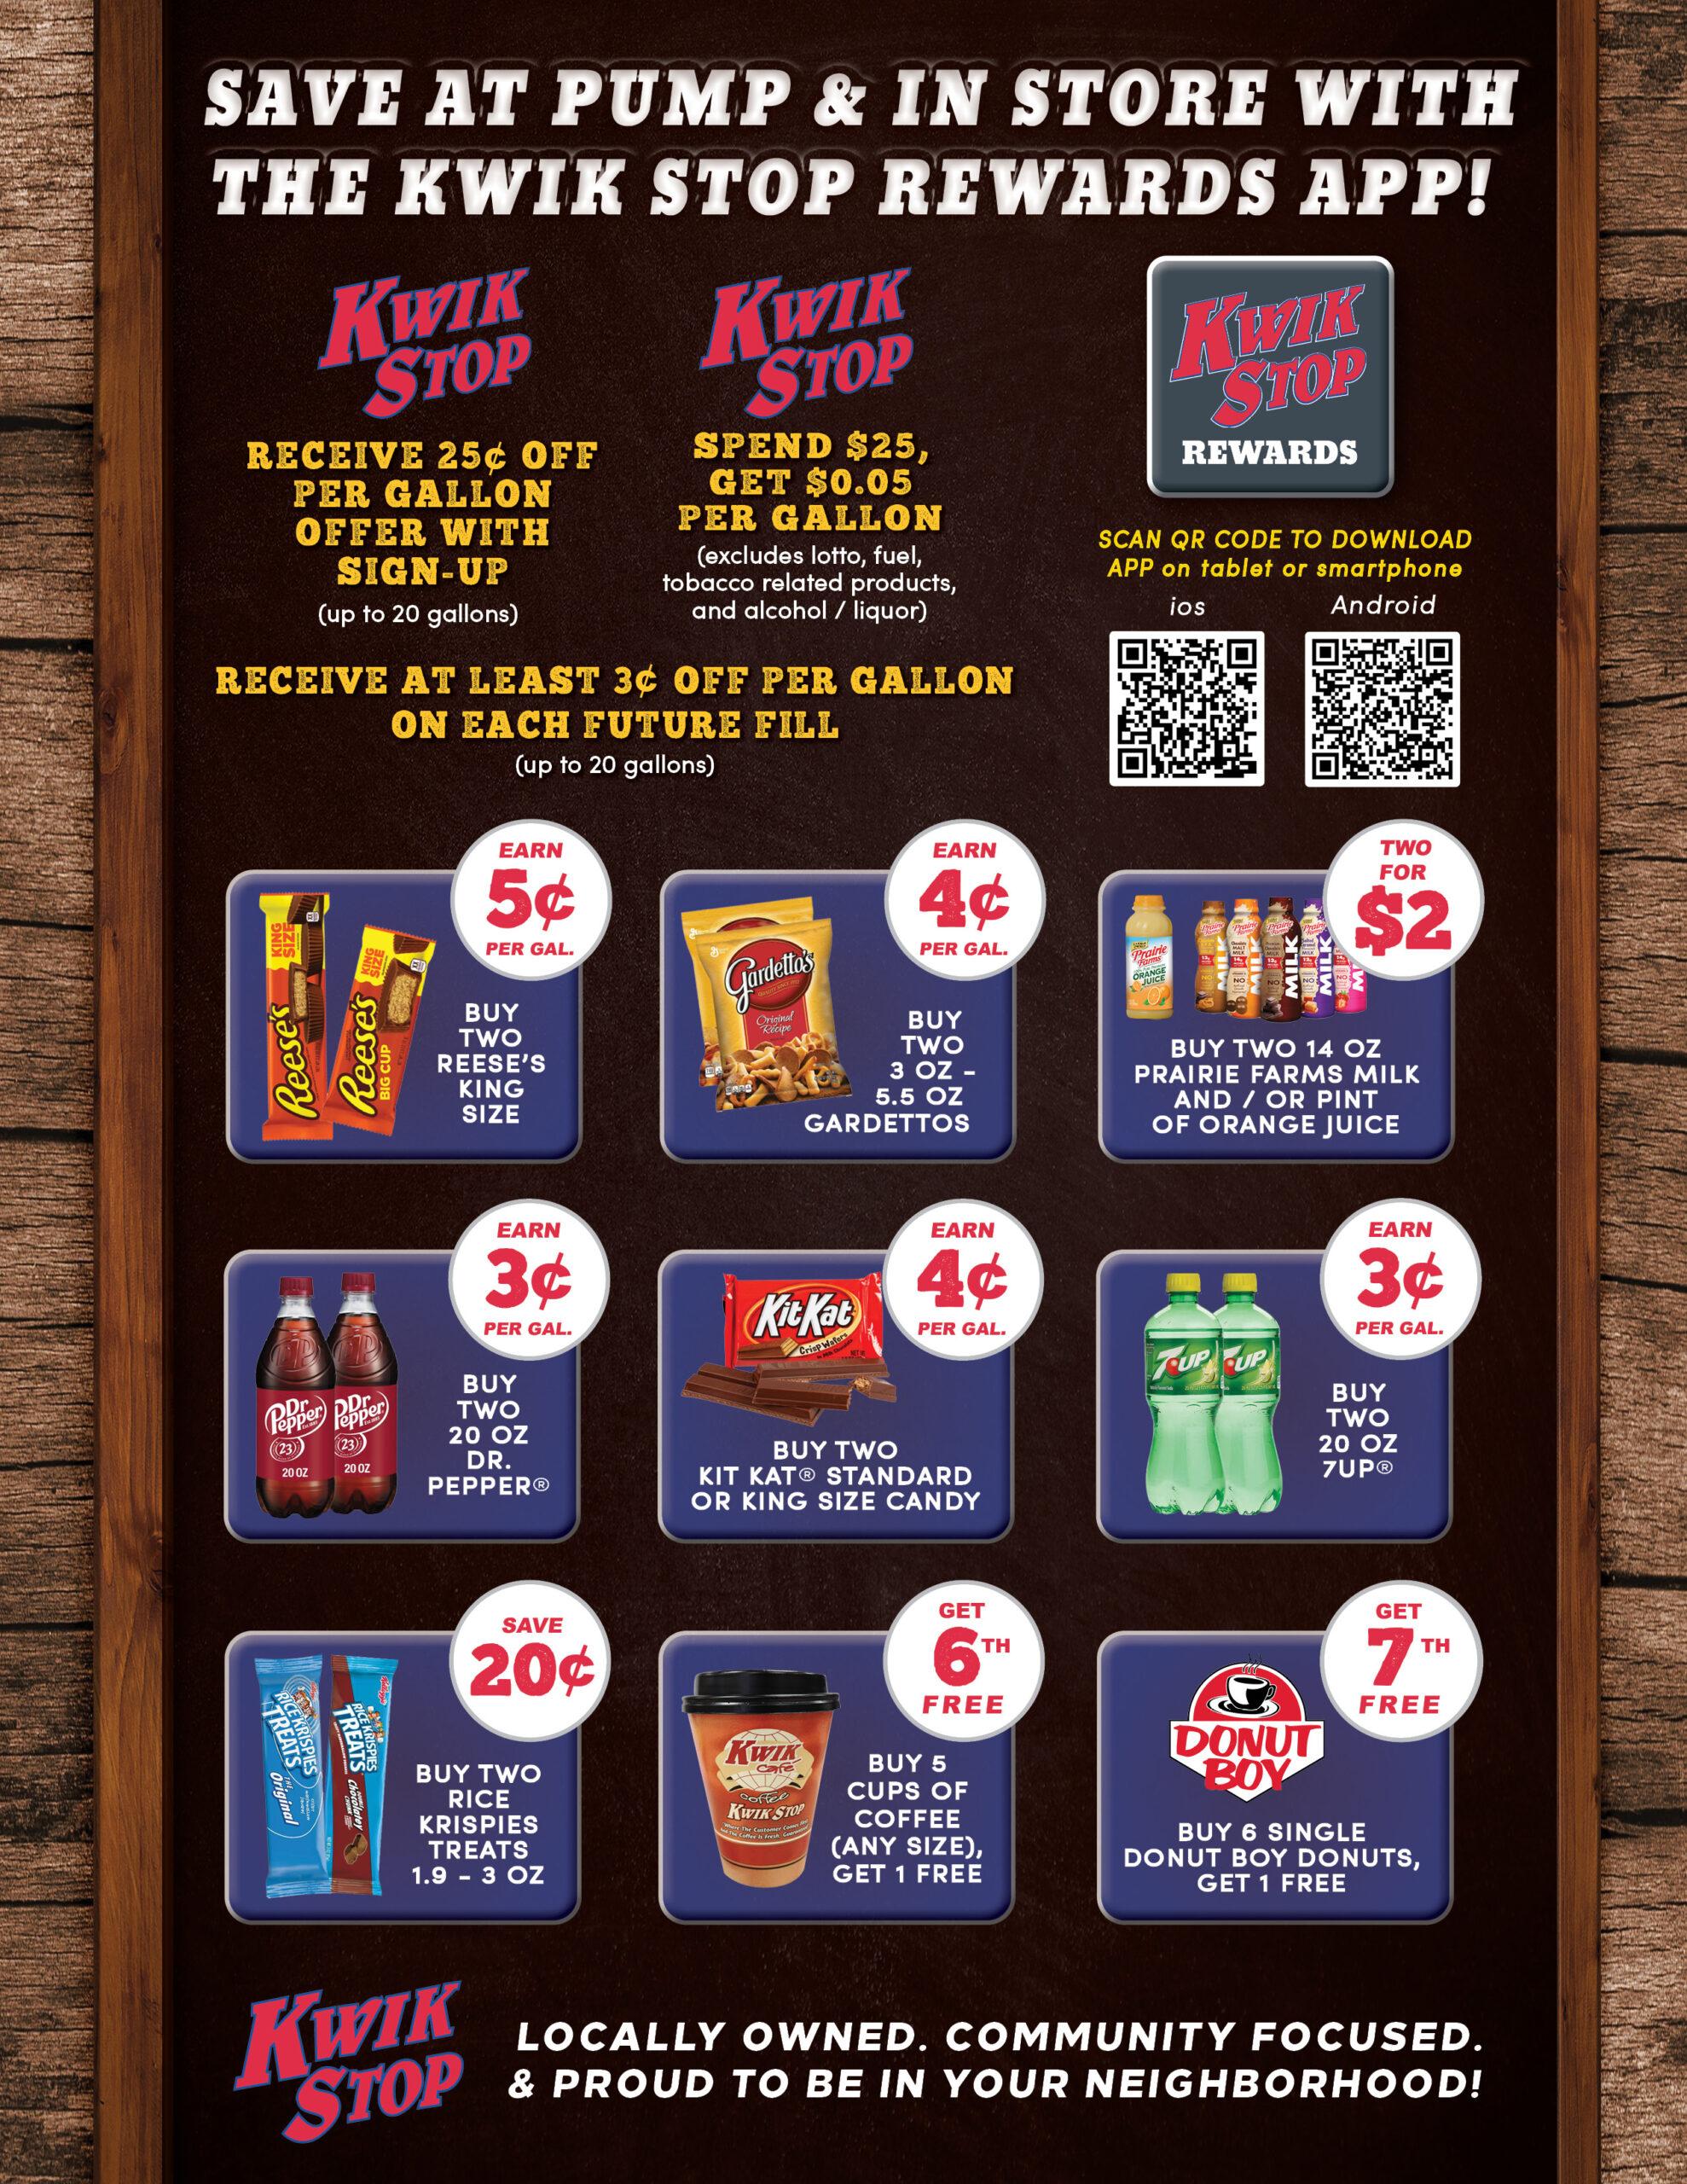 Q4 Kwik Stop Rewards Specials